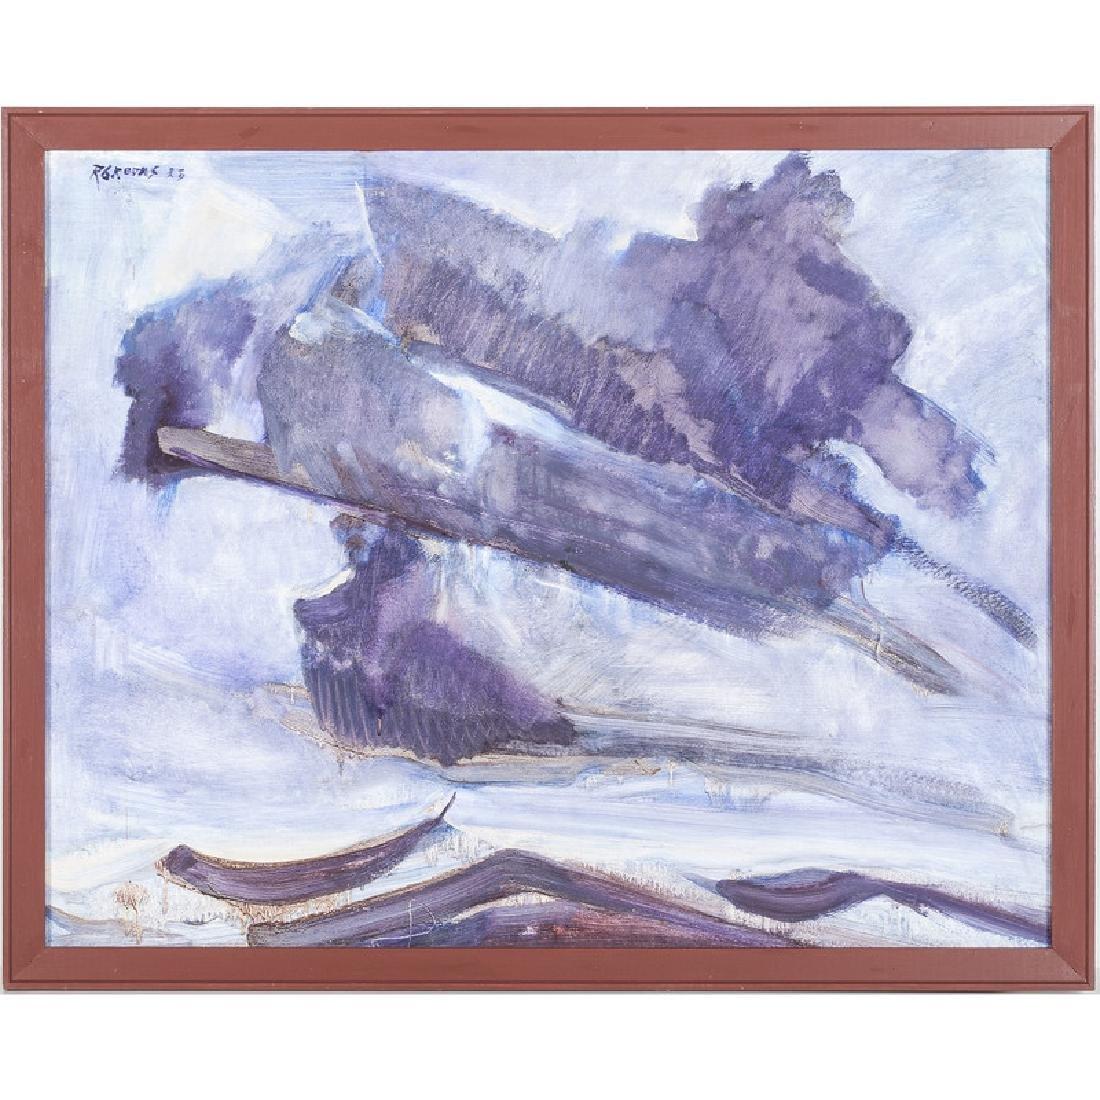 Reginald Grooms (Cincinnati, 1900-1989), Oil